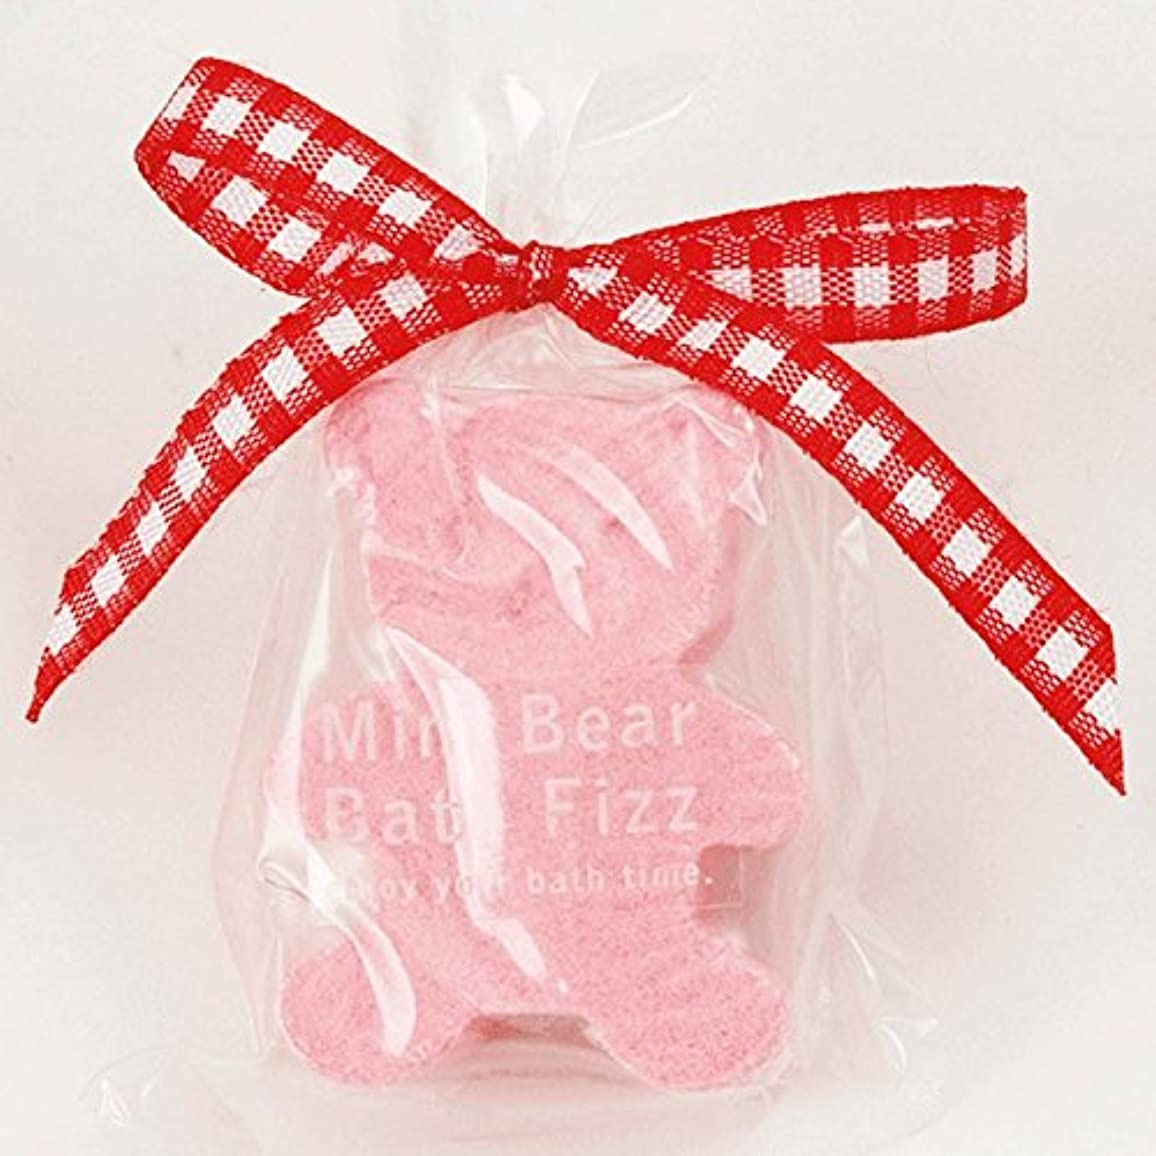 コンテンツ変わるマーカーミニベアdeバスフィズ(入浴剤のプチギフト)ピンク【結婚式 バスグッズ くま】